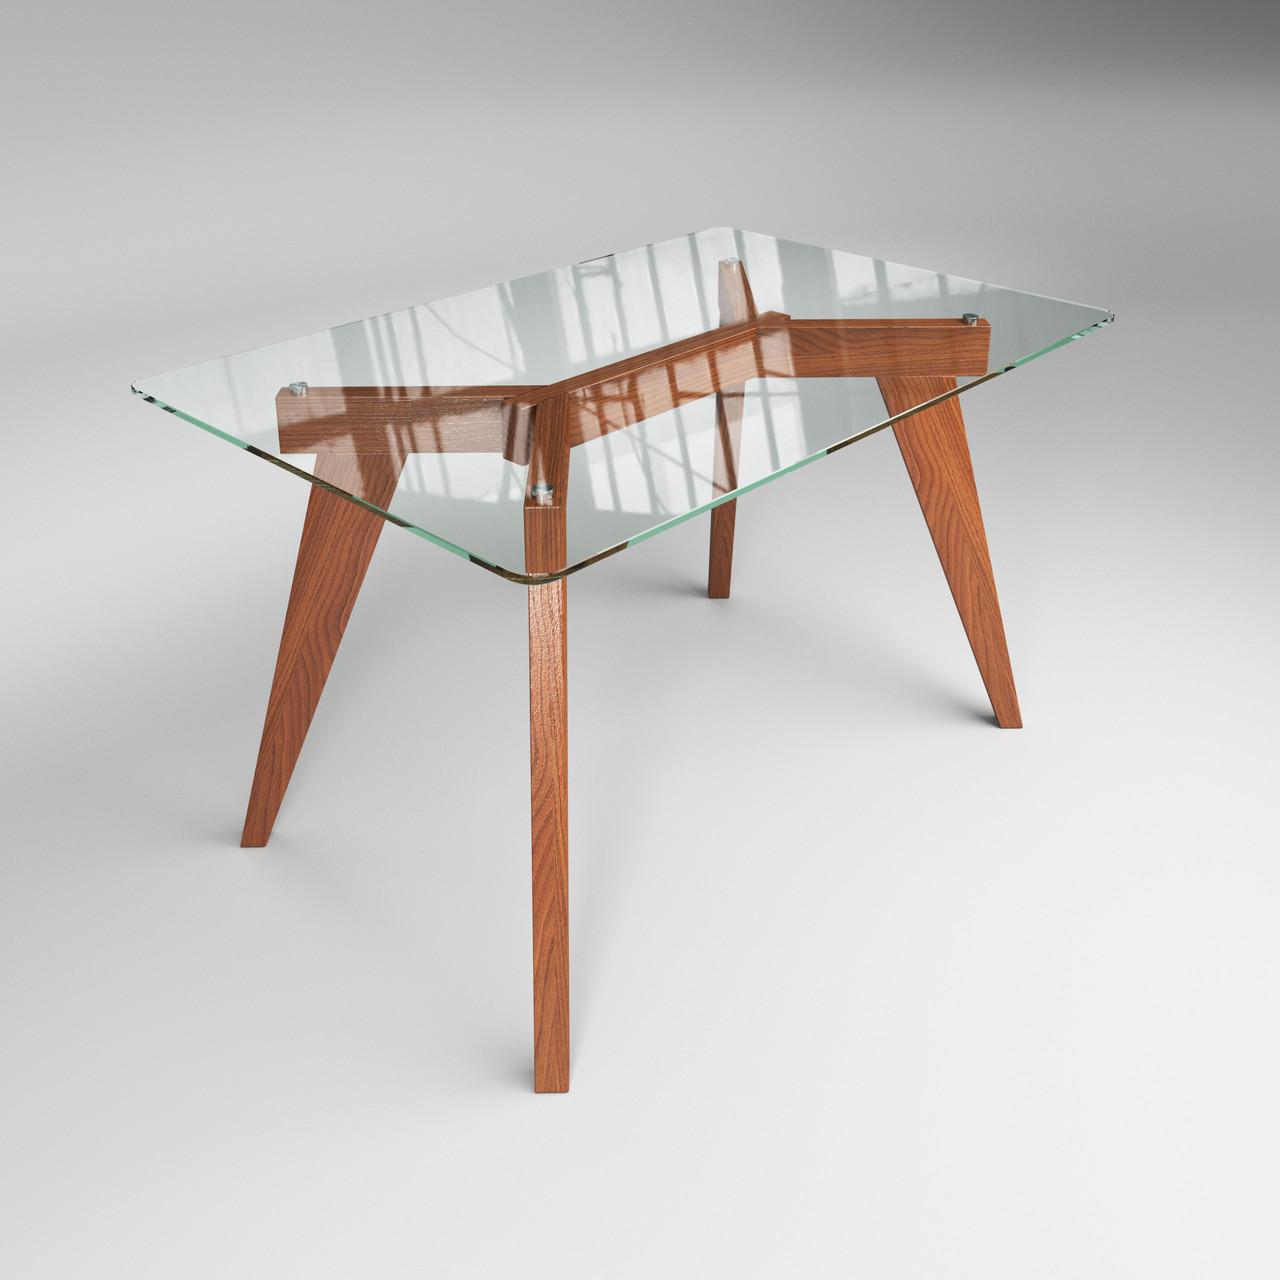 6215d1d6b Обеденный стол Leonardo Sentenzo, 900х760 мм, стеклянный и деревянные ножки  - УютХаус в Киеве